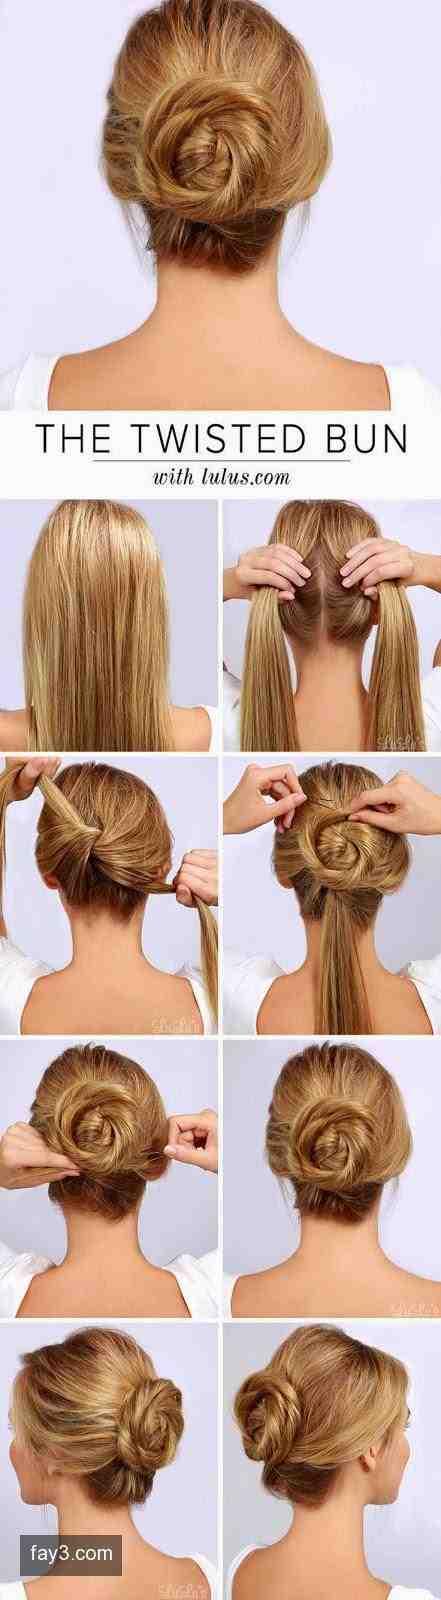 خطوات عمل تسريحة للمناسبات بسيطة وسهلة شعر تسريحات صوره رقم 9 Hair Styles Hair Bun Tutorial Long Hair Styles